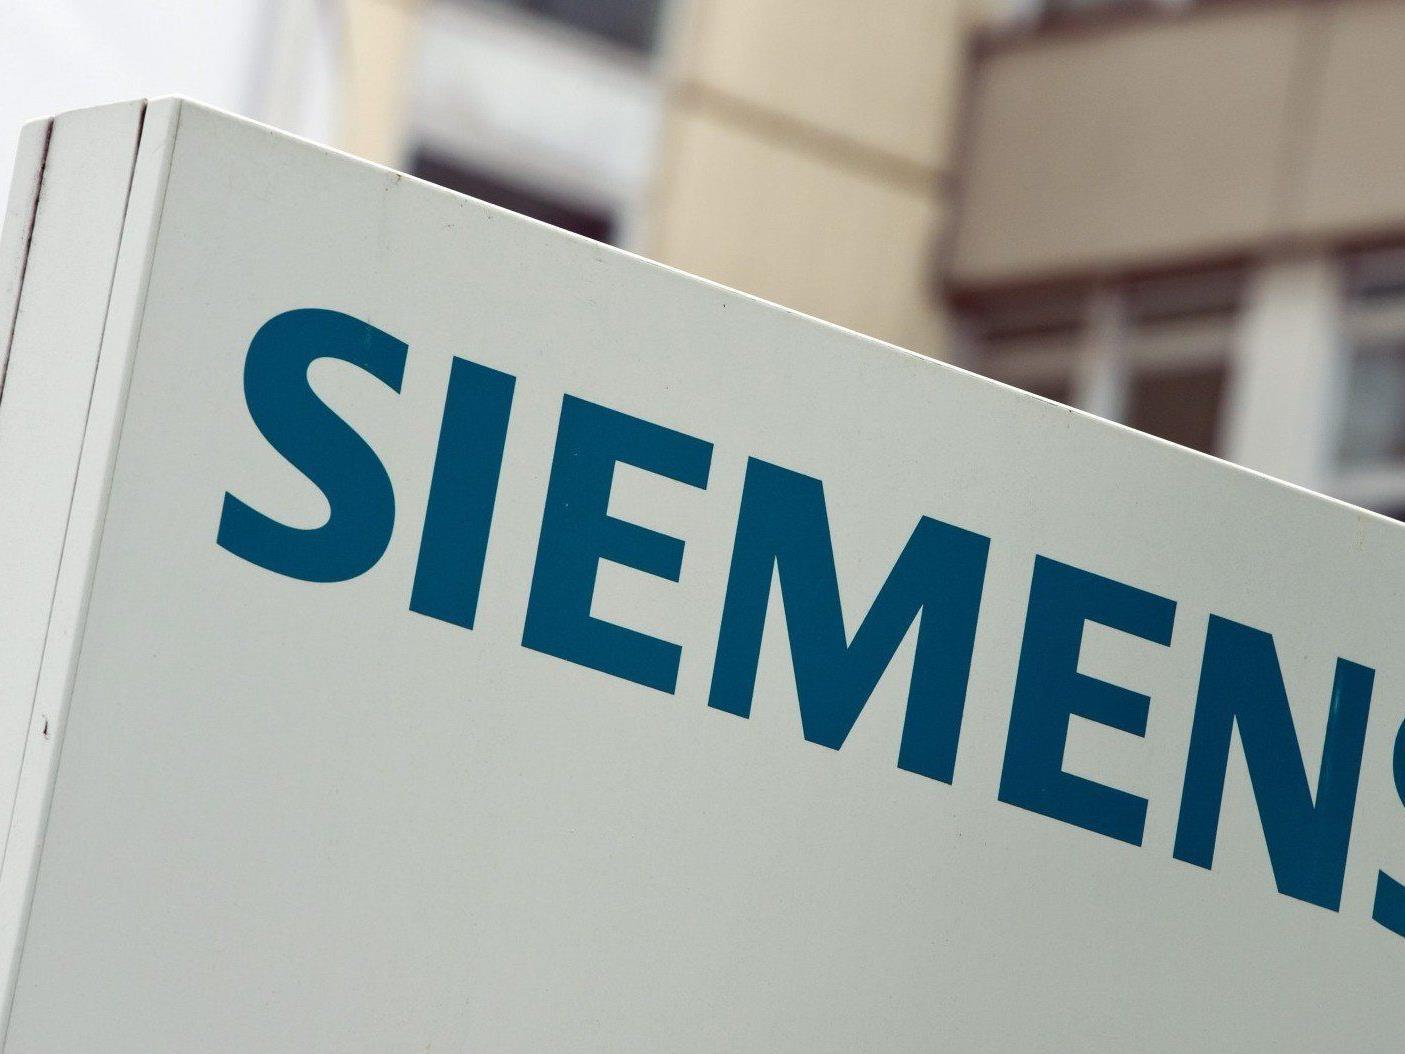 Siemens bekam Milliarden-Auftrag. U-Bahn-Züge werden in Wien produziert.